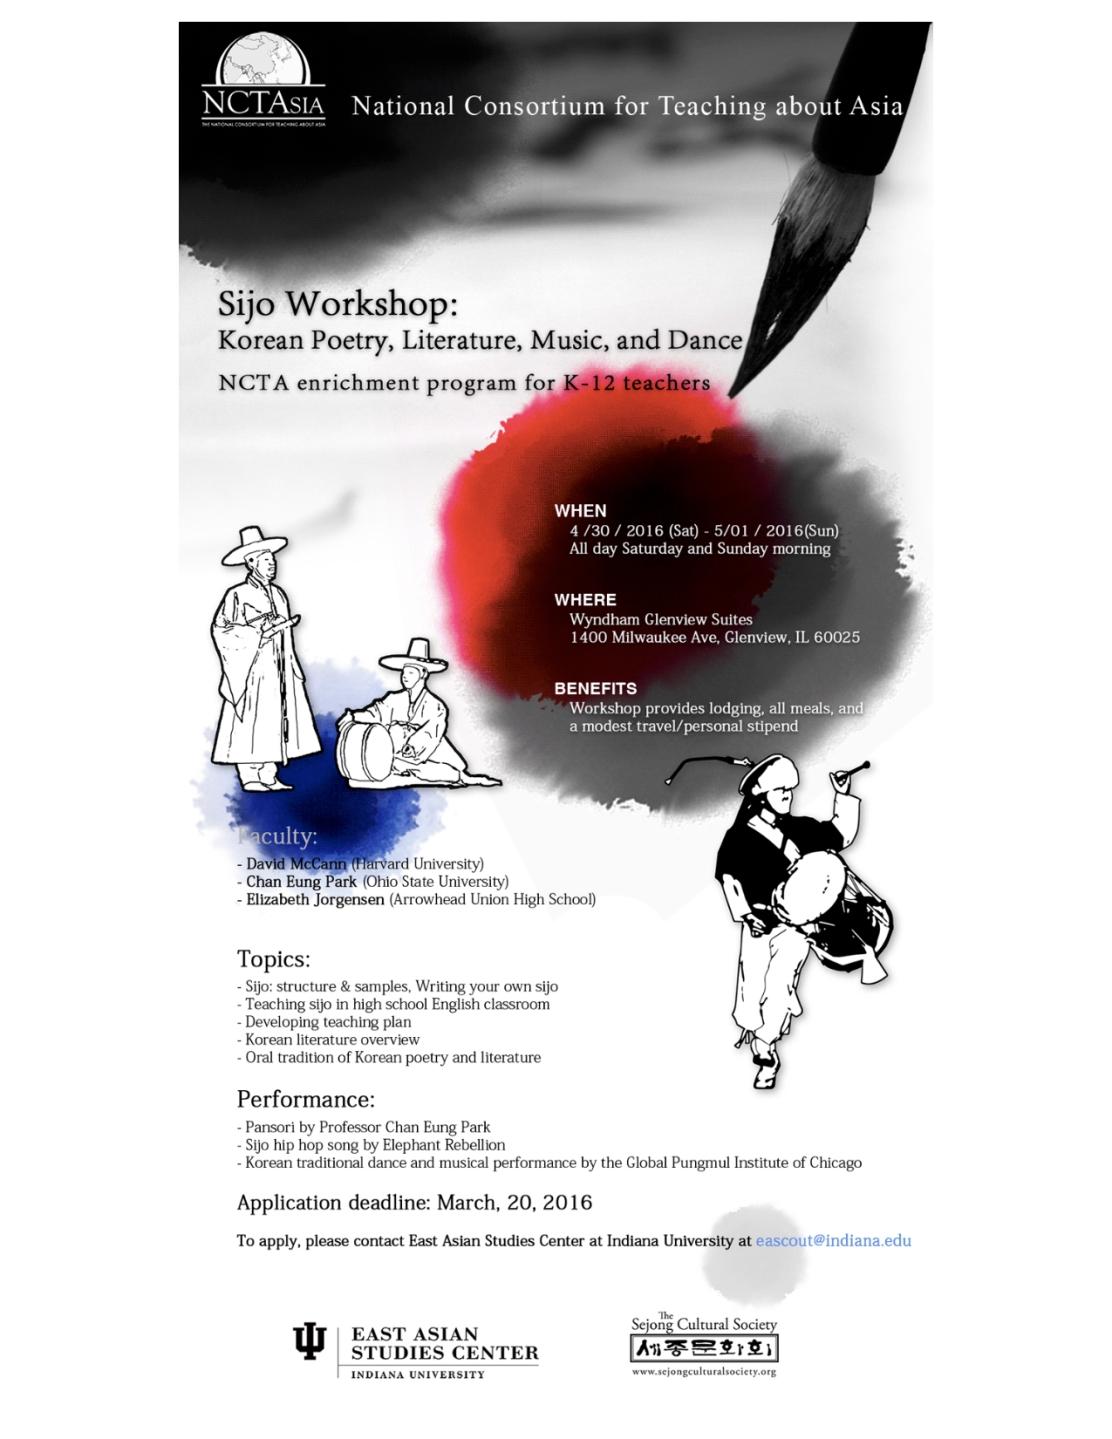 Sijo-workshop2016-0222-higher resolution